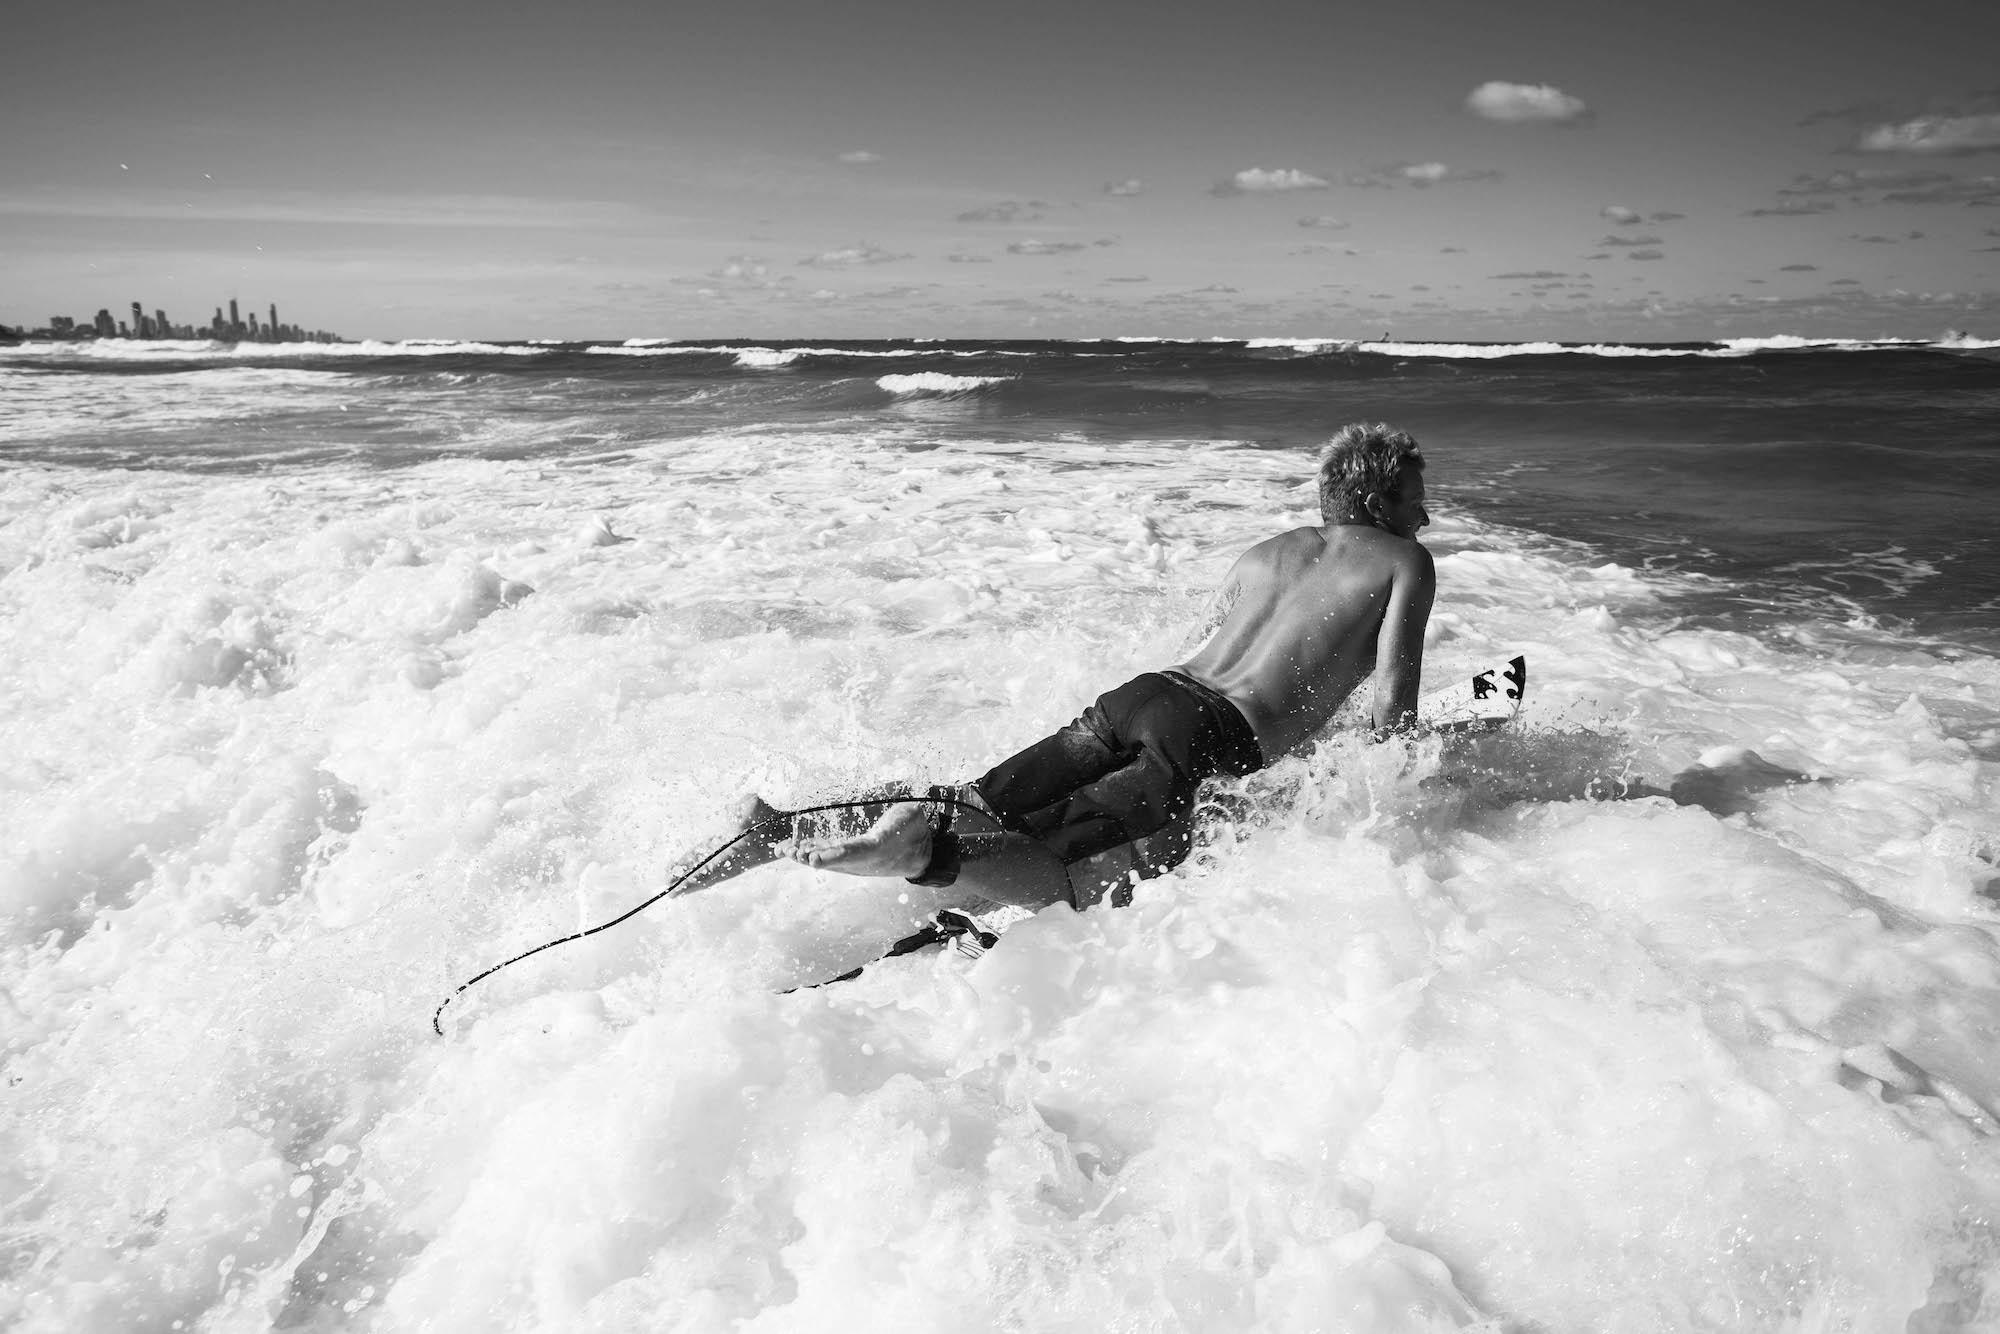 In der Welle stört die Leash nicht weniger als eine konventiuonelle Leine